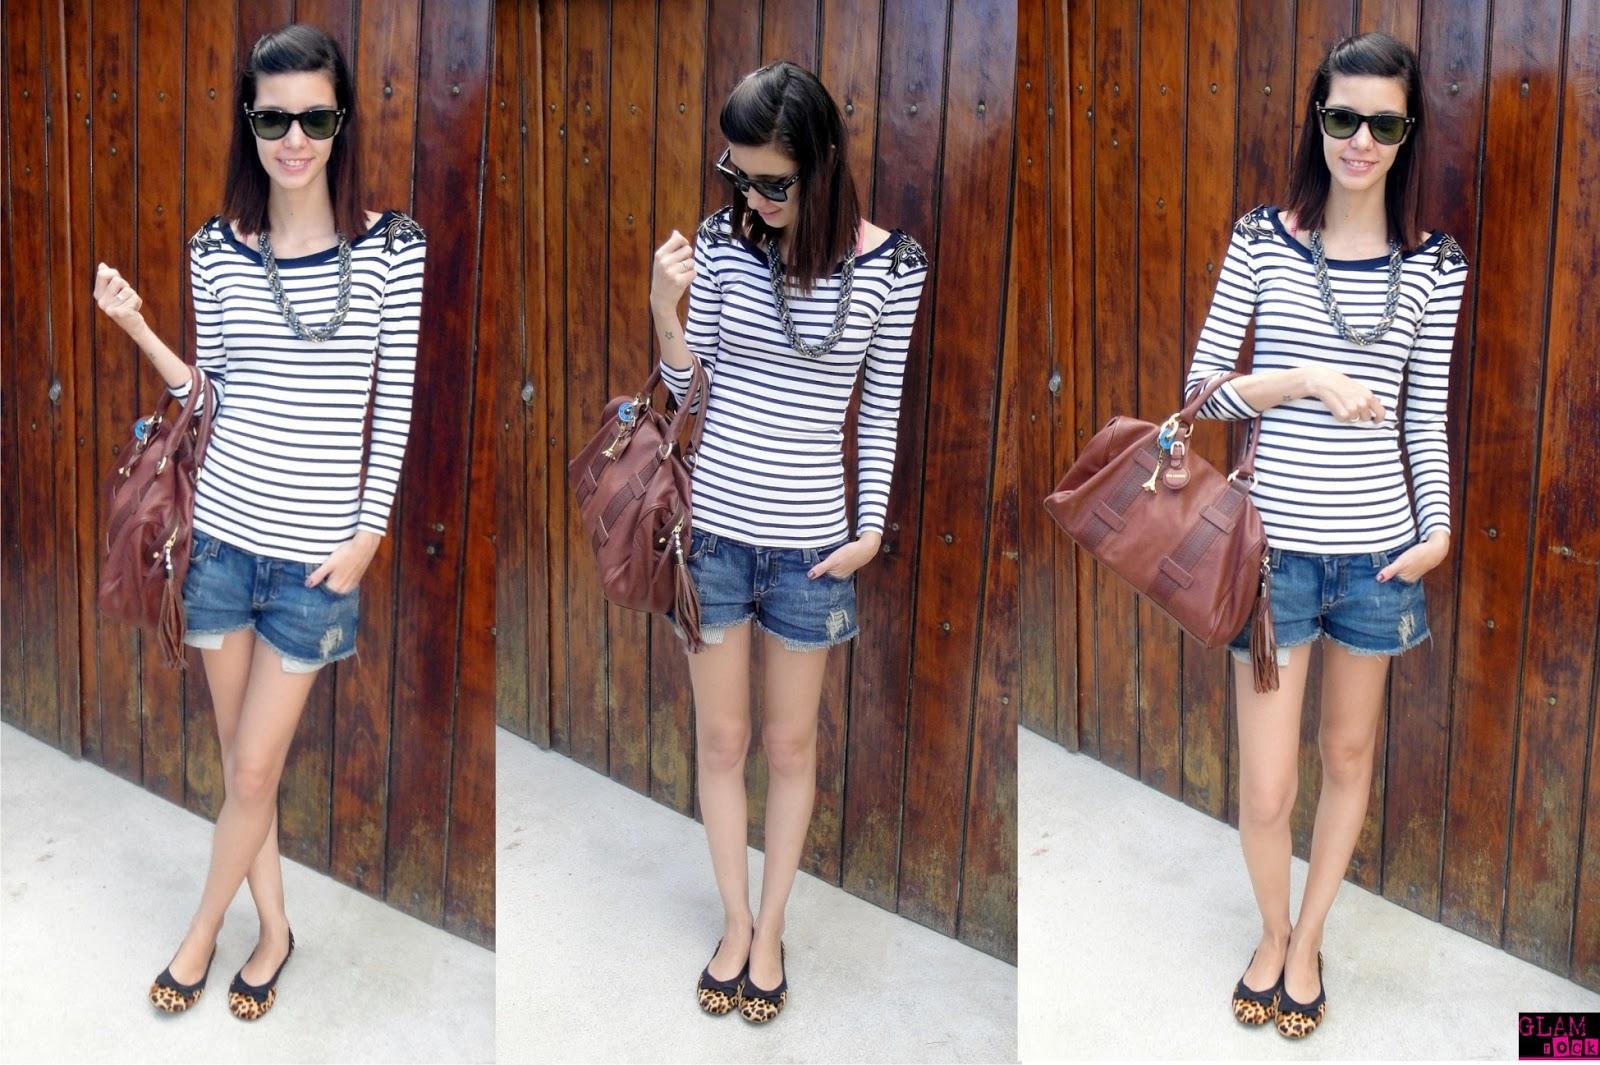 http://2.bp.blogspot.com/-W8TAYrBmscE/UK6uT9R_9CI/AAAAAAAAWTM/mX69dPZZLNE/s1600/blusa-listrada-short-jeans-sap-oncinha.jpg